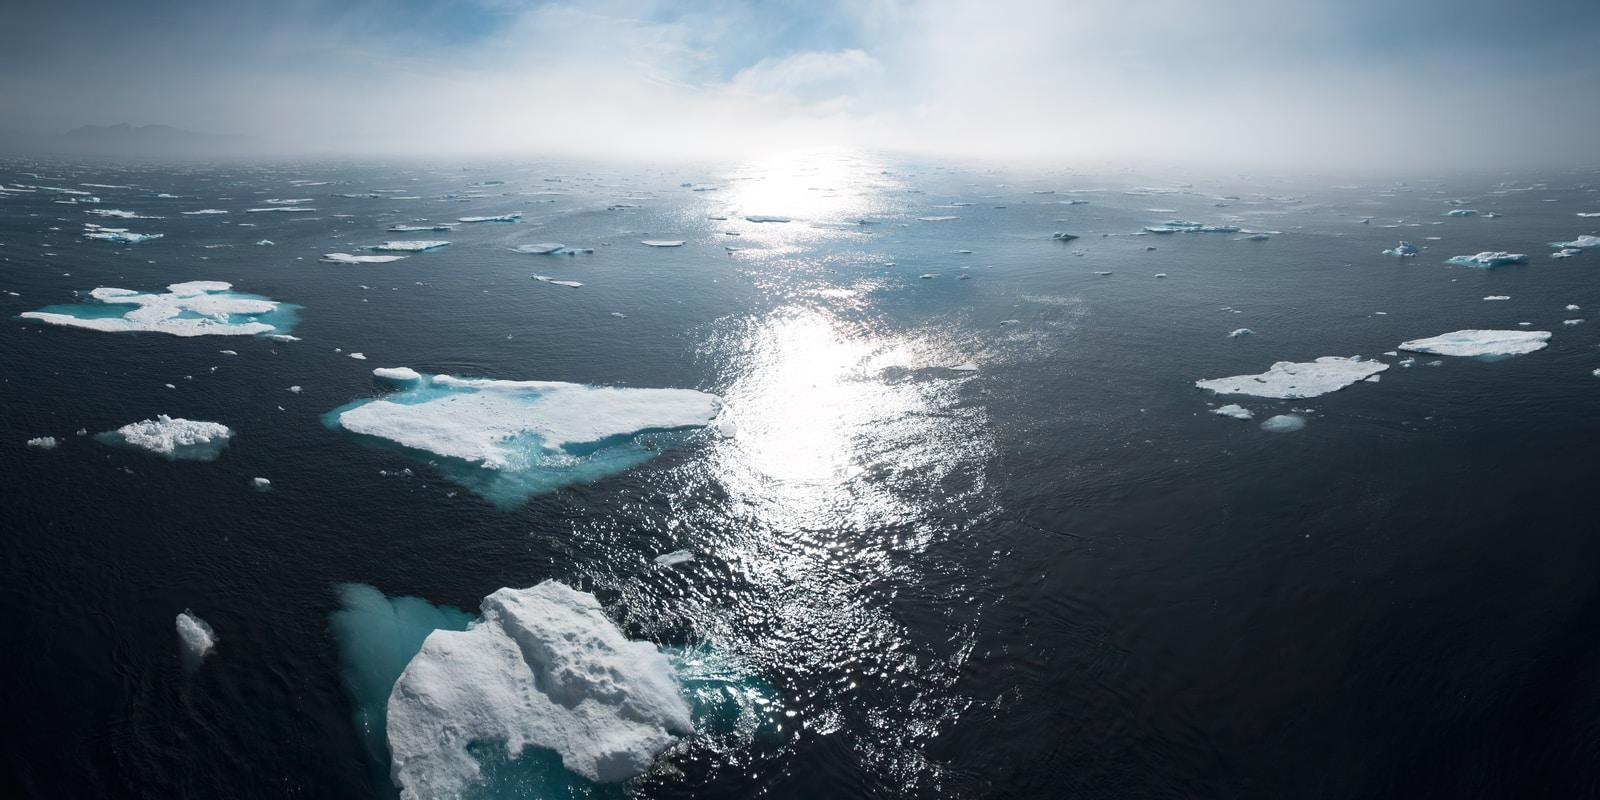 Mudanças climáticas são a maior ameaça à saúde da humanidade, diz OMS